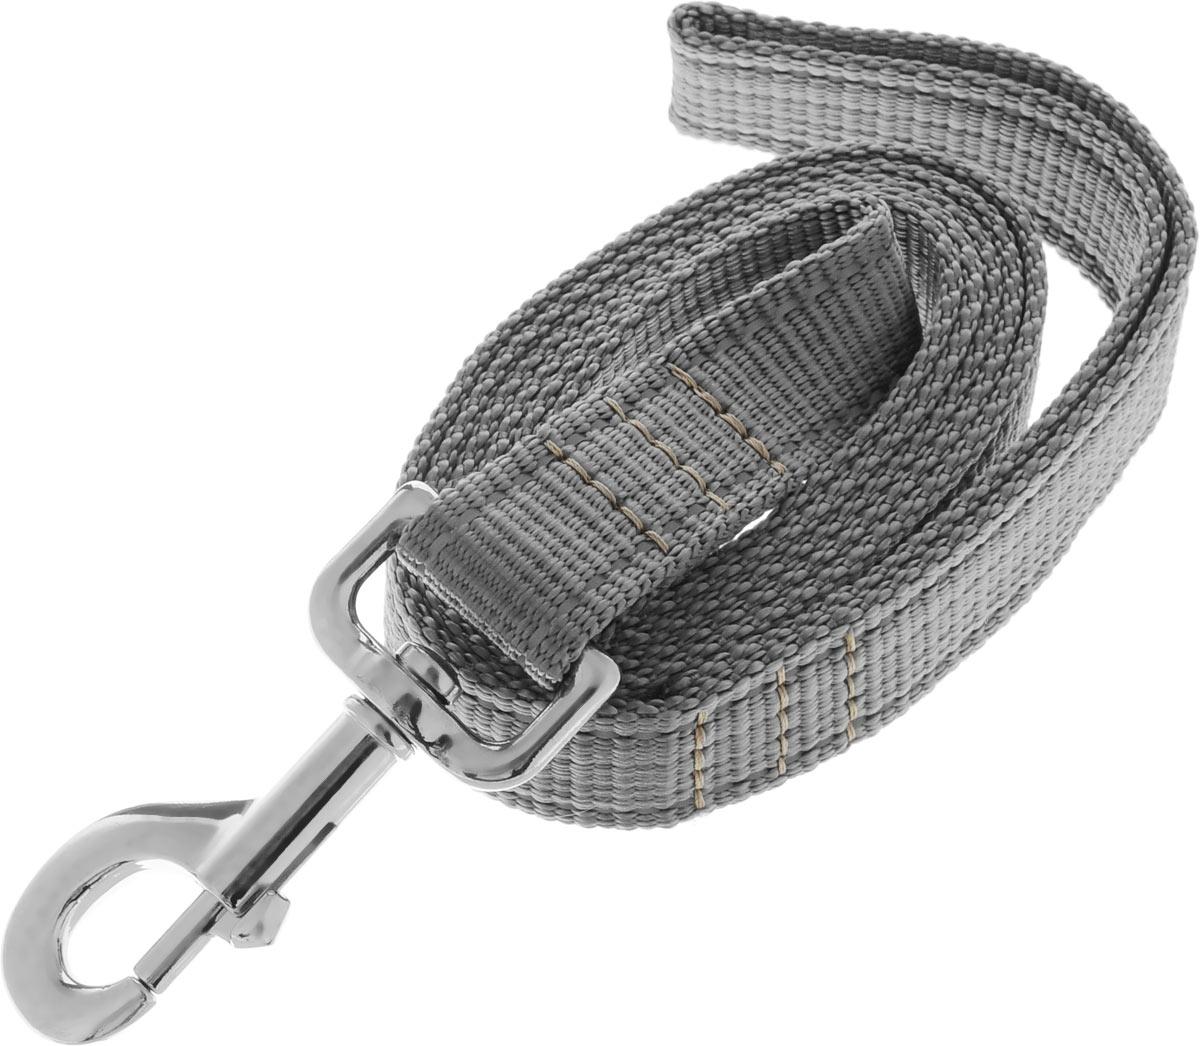 Поводок капроновый для собак Аркон, цвет: серый, ширина 2,5 см, длина 1,5 мпк1,5м25/серыйПоводок для собак Аркон изготовлен из высококачественного цветного капрона и снабжен металлическим карабином. Изделие отличается не только исключительной надежностью и удобством, но и привлекательным современным дизайном.Поводок - необходимый аксессуар для собаки. Ведь в опасных ситуациях именно он способен спасти жизнь вашему любимому питомцу. Иногда нужно ограничивать свободу своего четвероногого друга, чтобы защитить его или себя от неприятностей на прогулке. Длина поводка: 1,5 м.Ширина поводка: 2,5 см.